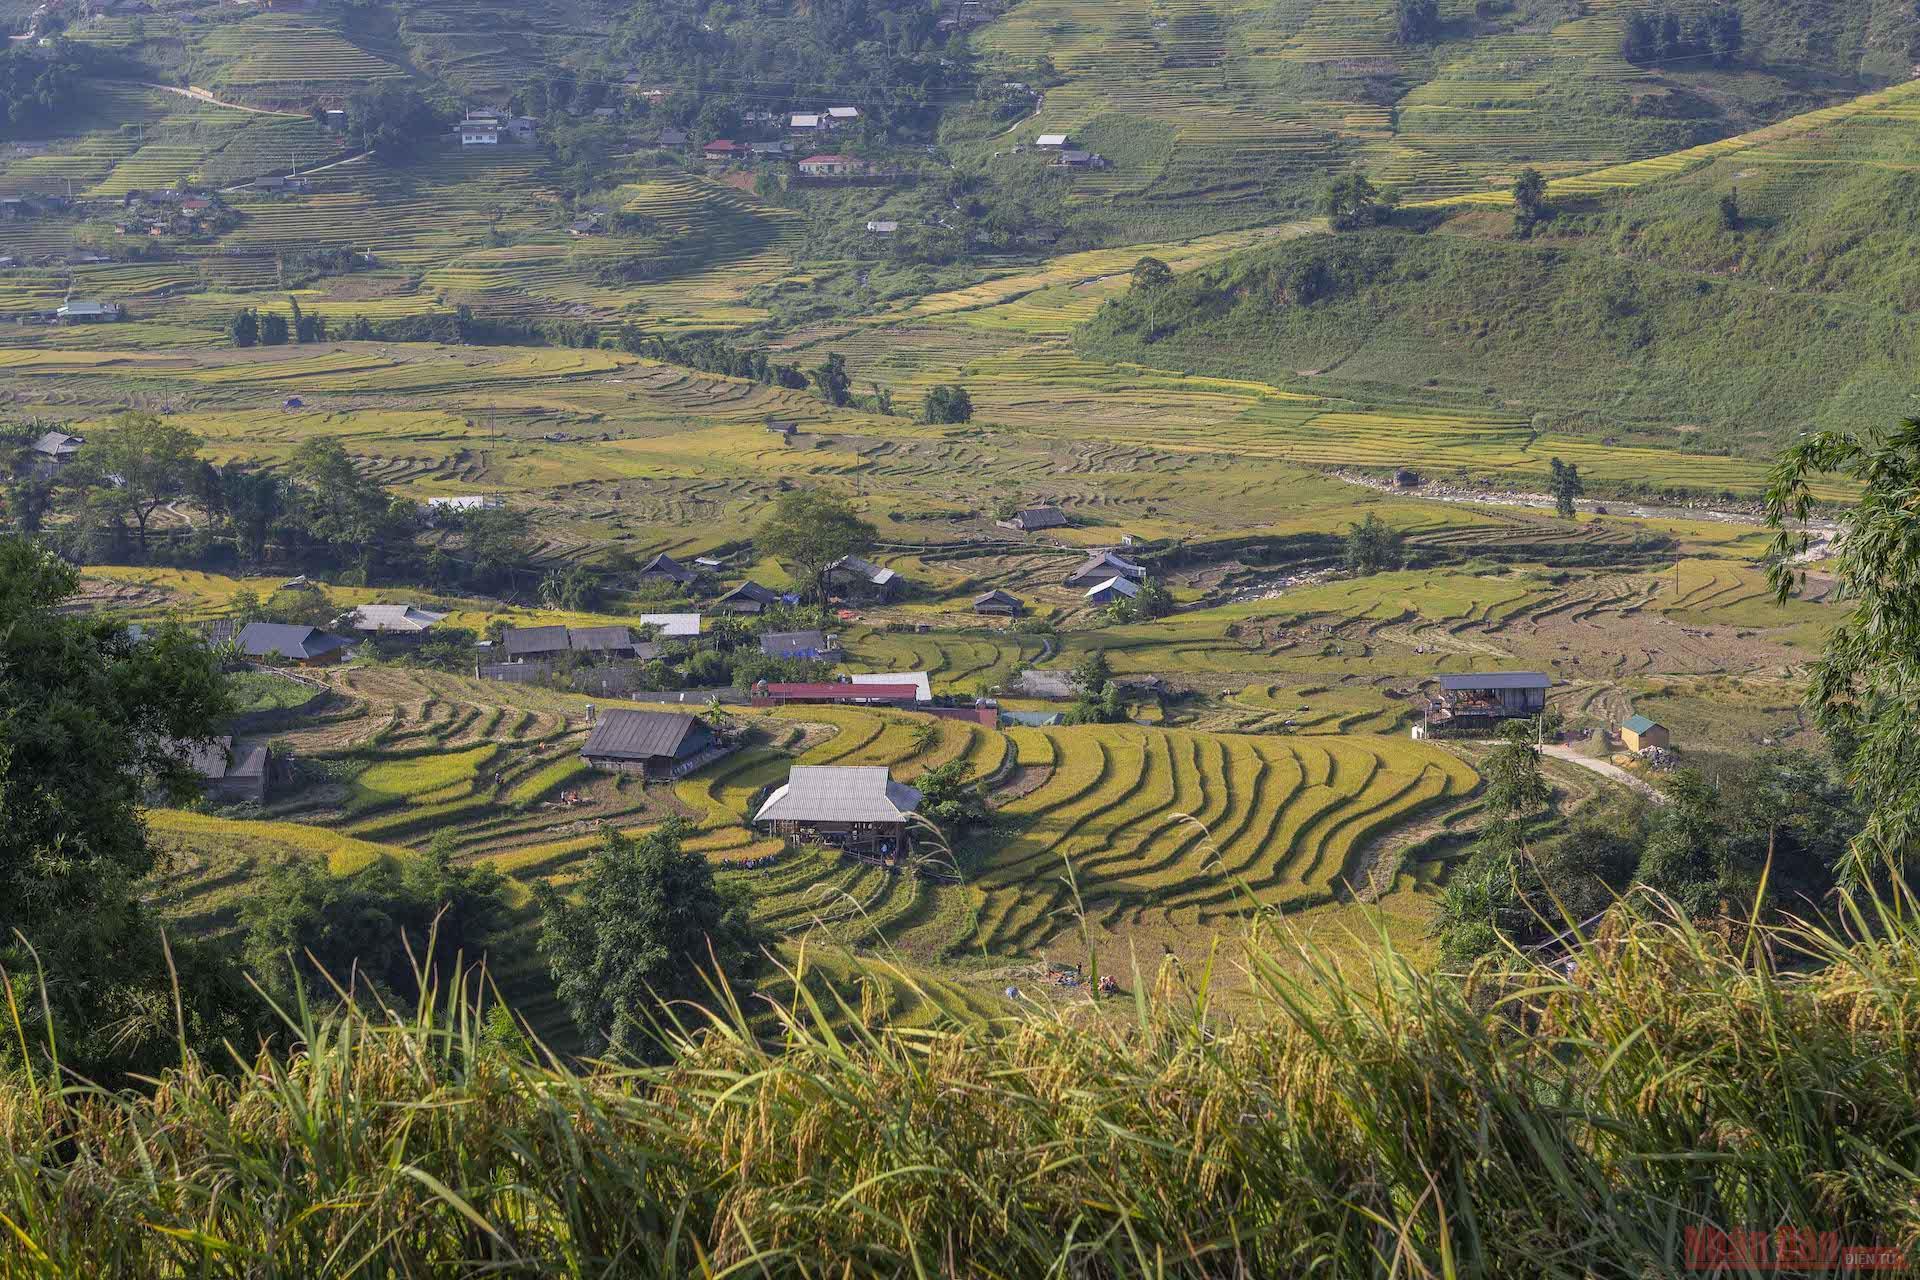 Người dân sẽ cắt lúa vào buổi sáng khi trời còn mát mẻ, buổi chiều họ sẽ đốt rơm để giải phóng đồng ruộng cho mùa vụ năm sau.